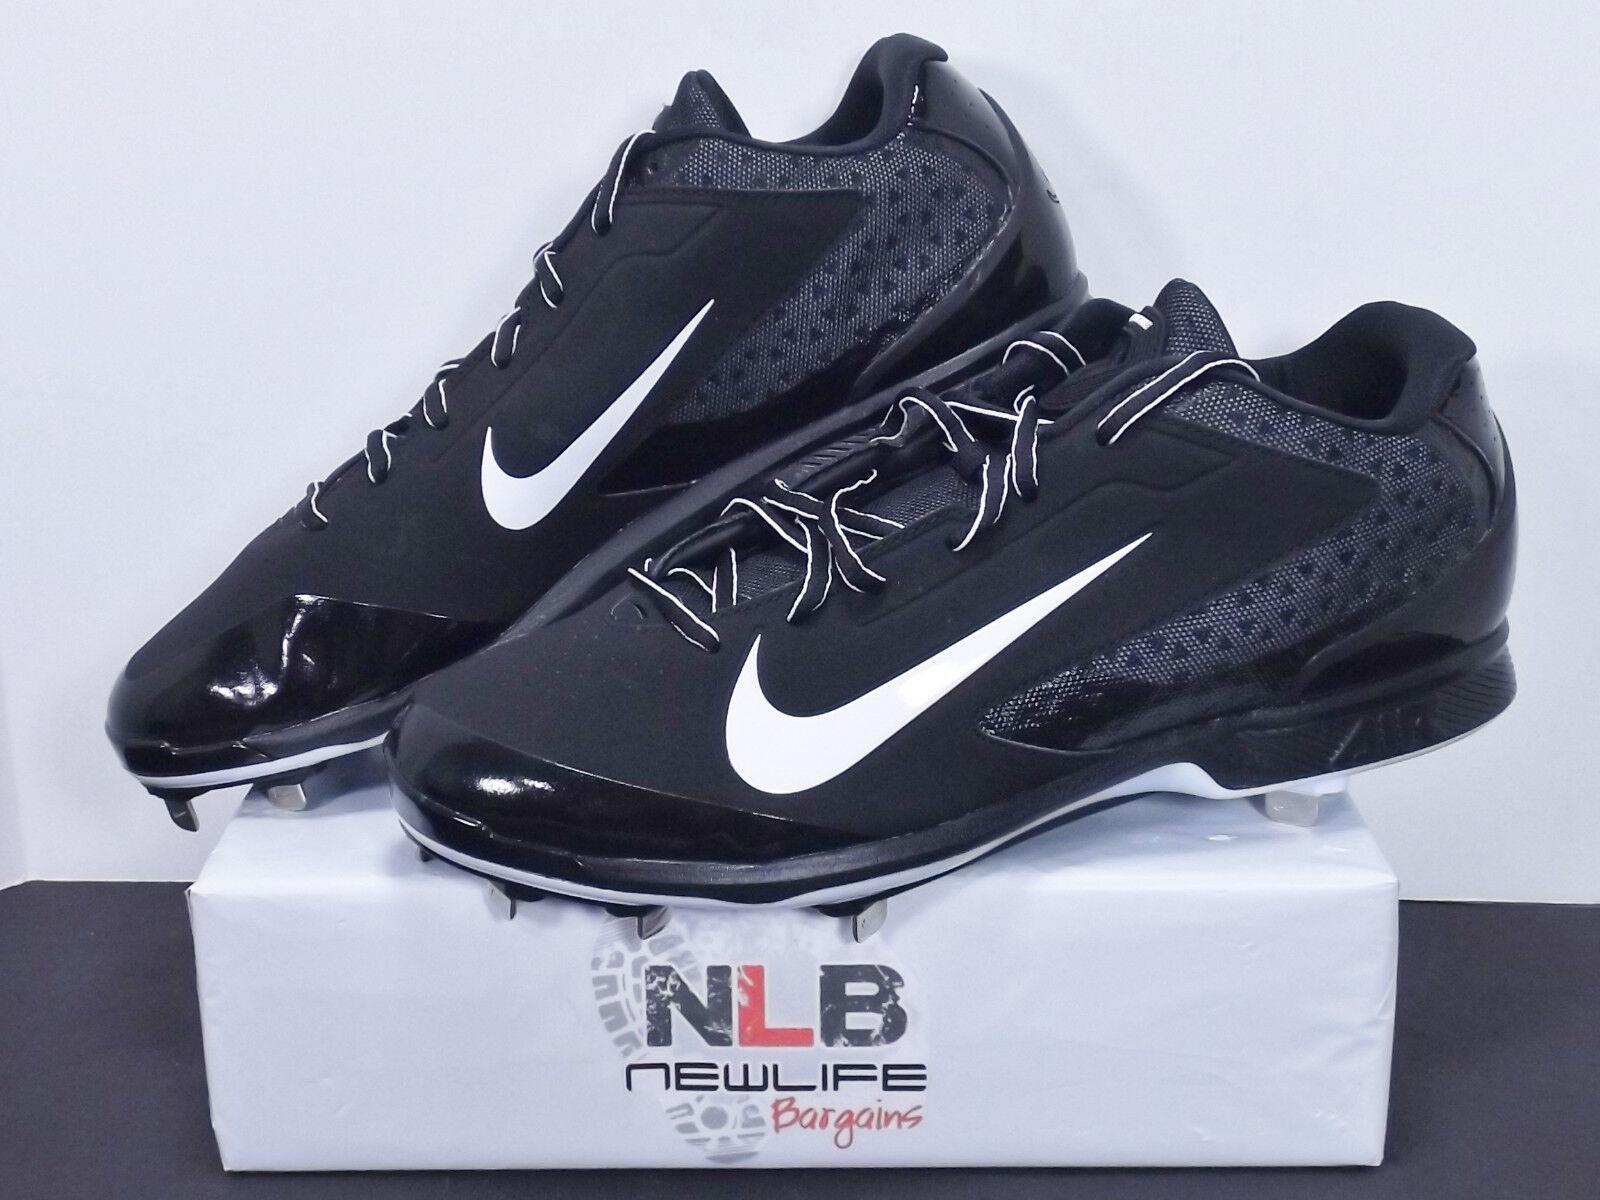 Nike Air huarache pro metal bajo precio la reducción del precio bajo de los hombres cómodos liquidación estacional d96e51